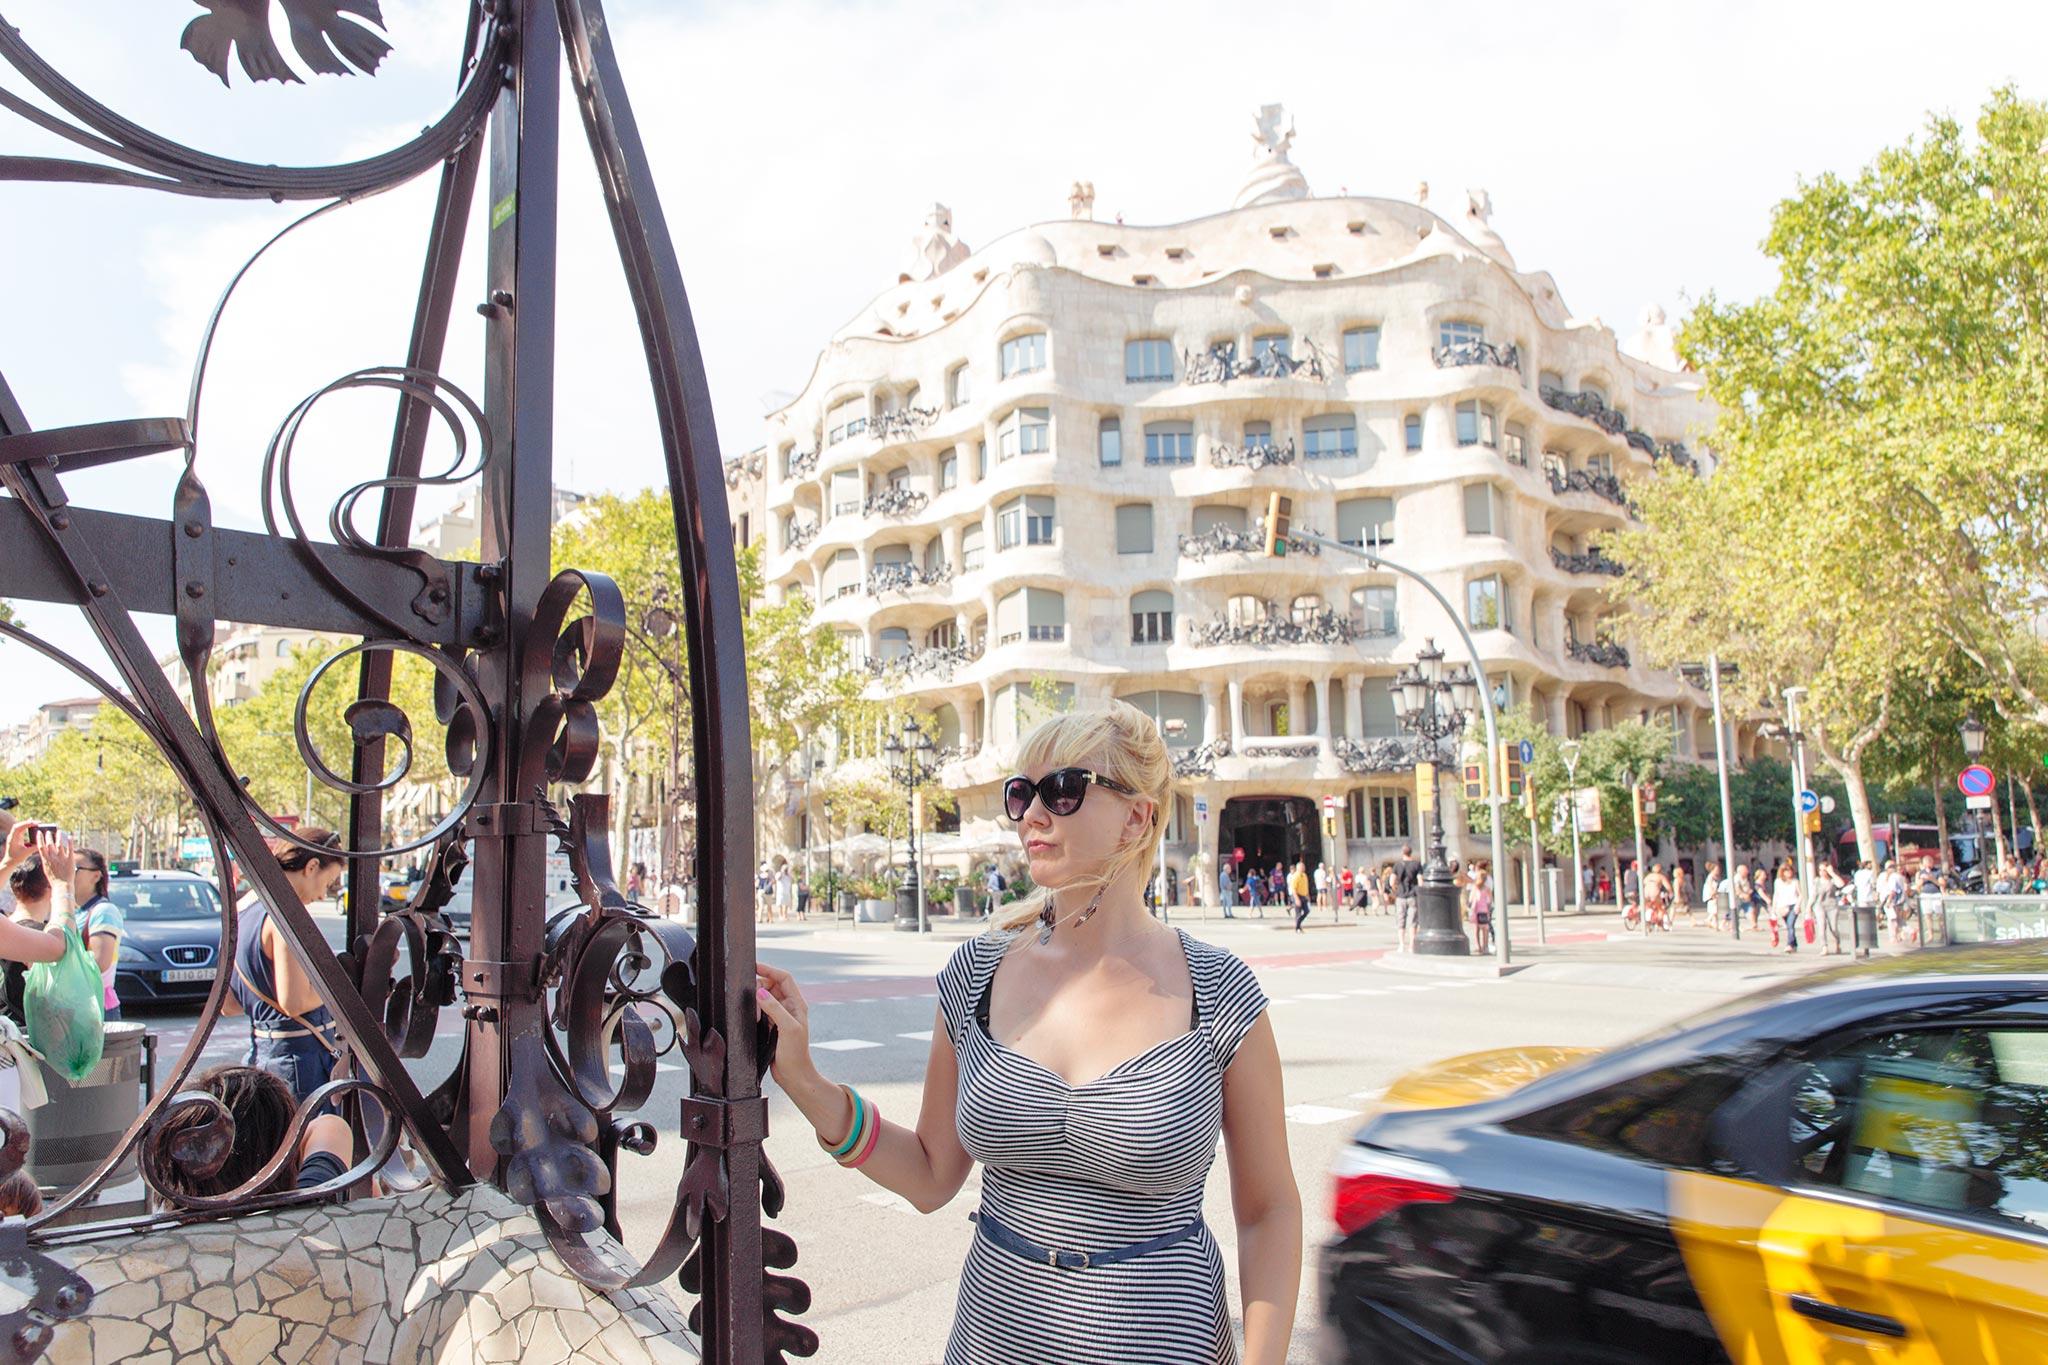 La Pedrera, Barcelona © Tuulia Kolehmainen